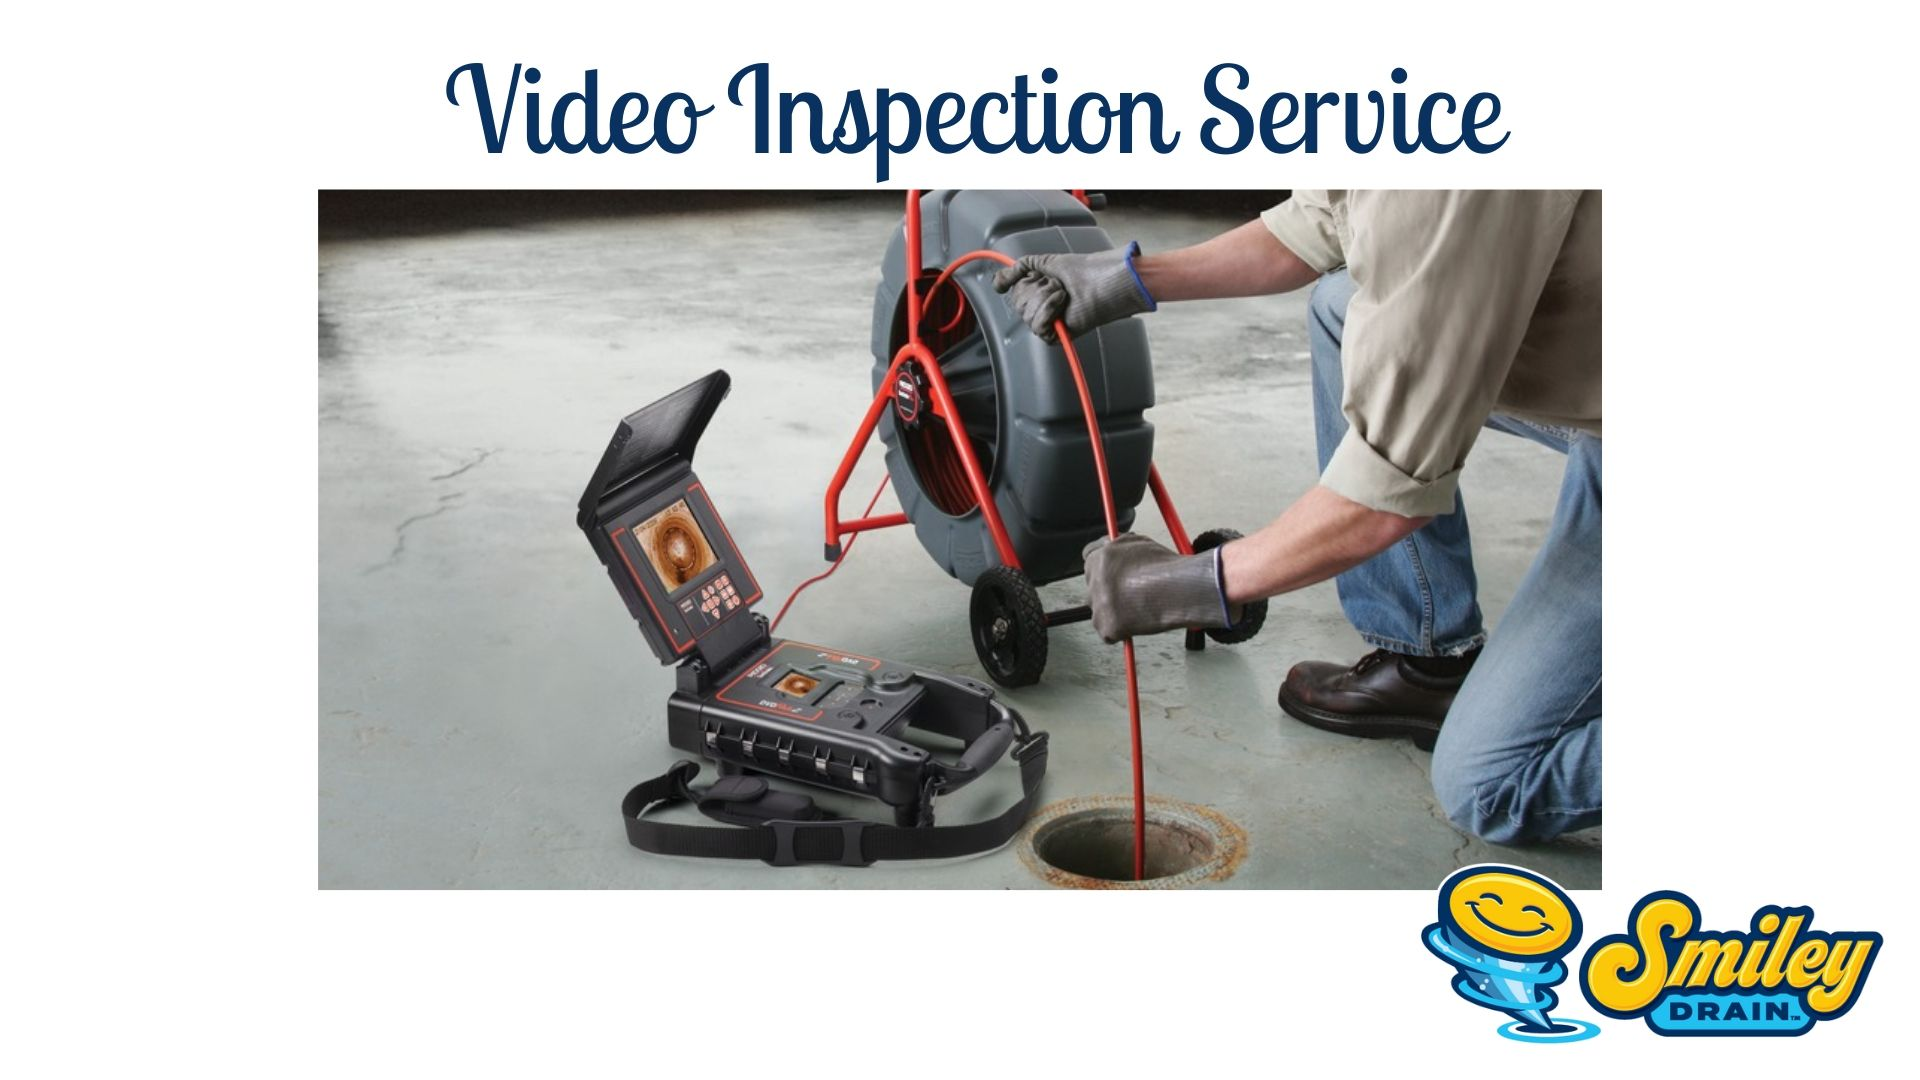 Plumbing video inspections